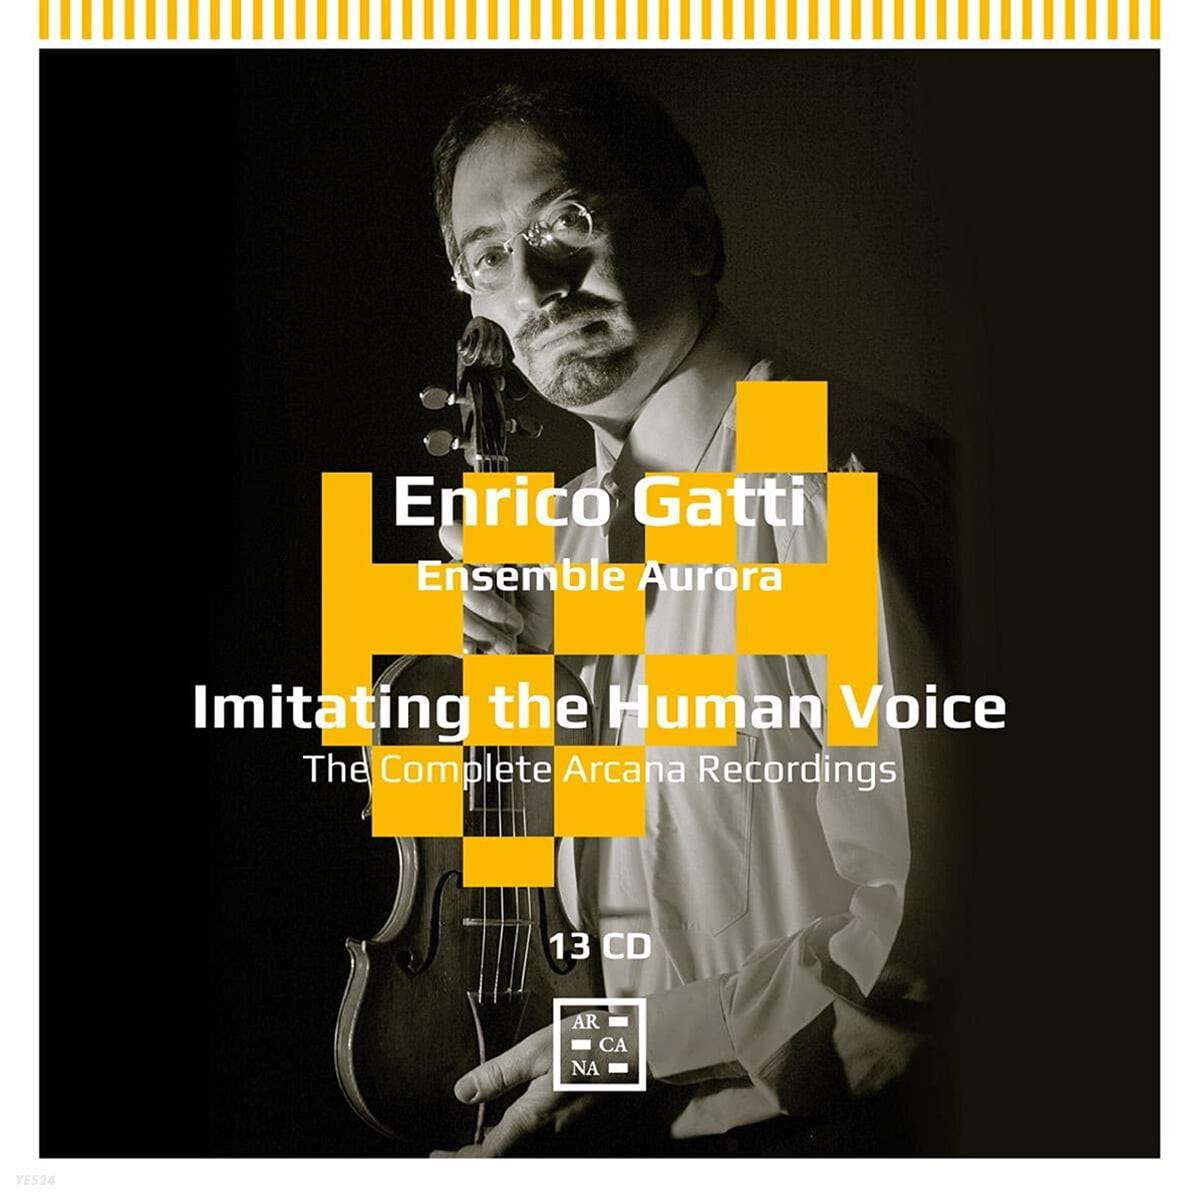 엔리코 가티 - 아르카나 레코딩 전집 (Enrico Gatti - The Complete Arcana Recordings: Imitating the Human Voice)